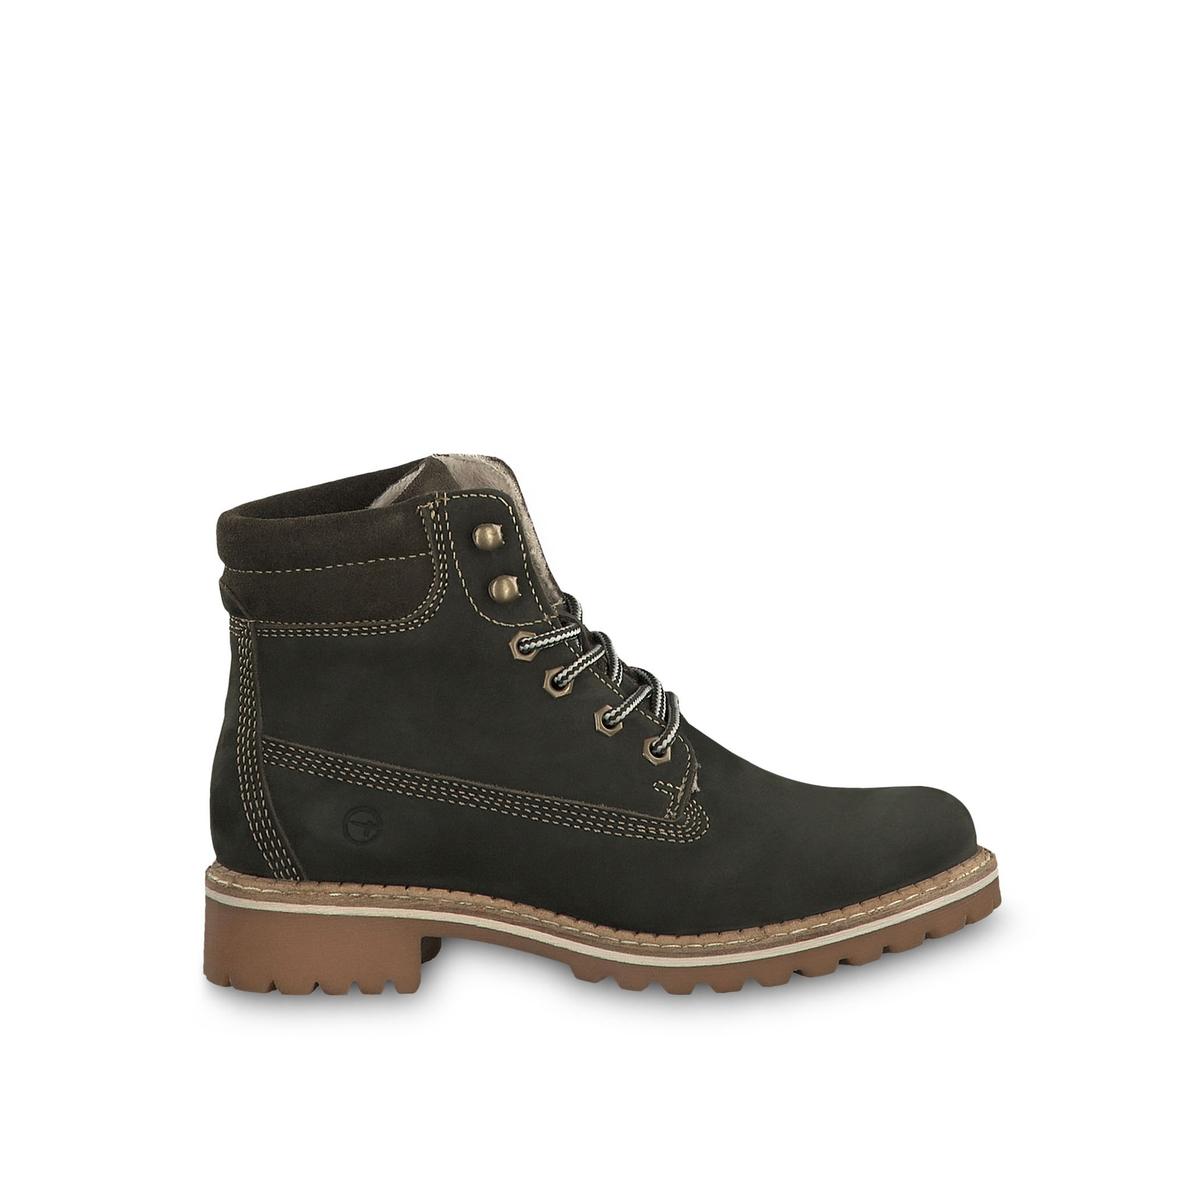 Ботильоны La Redoute Кожаные на шнуровке Catser 38 зеленый цены онлайн